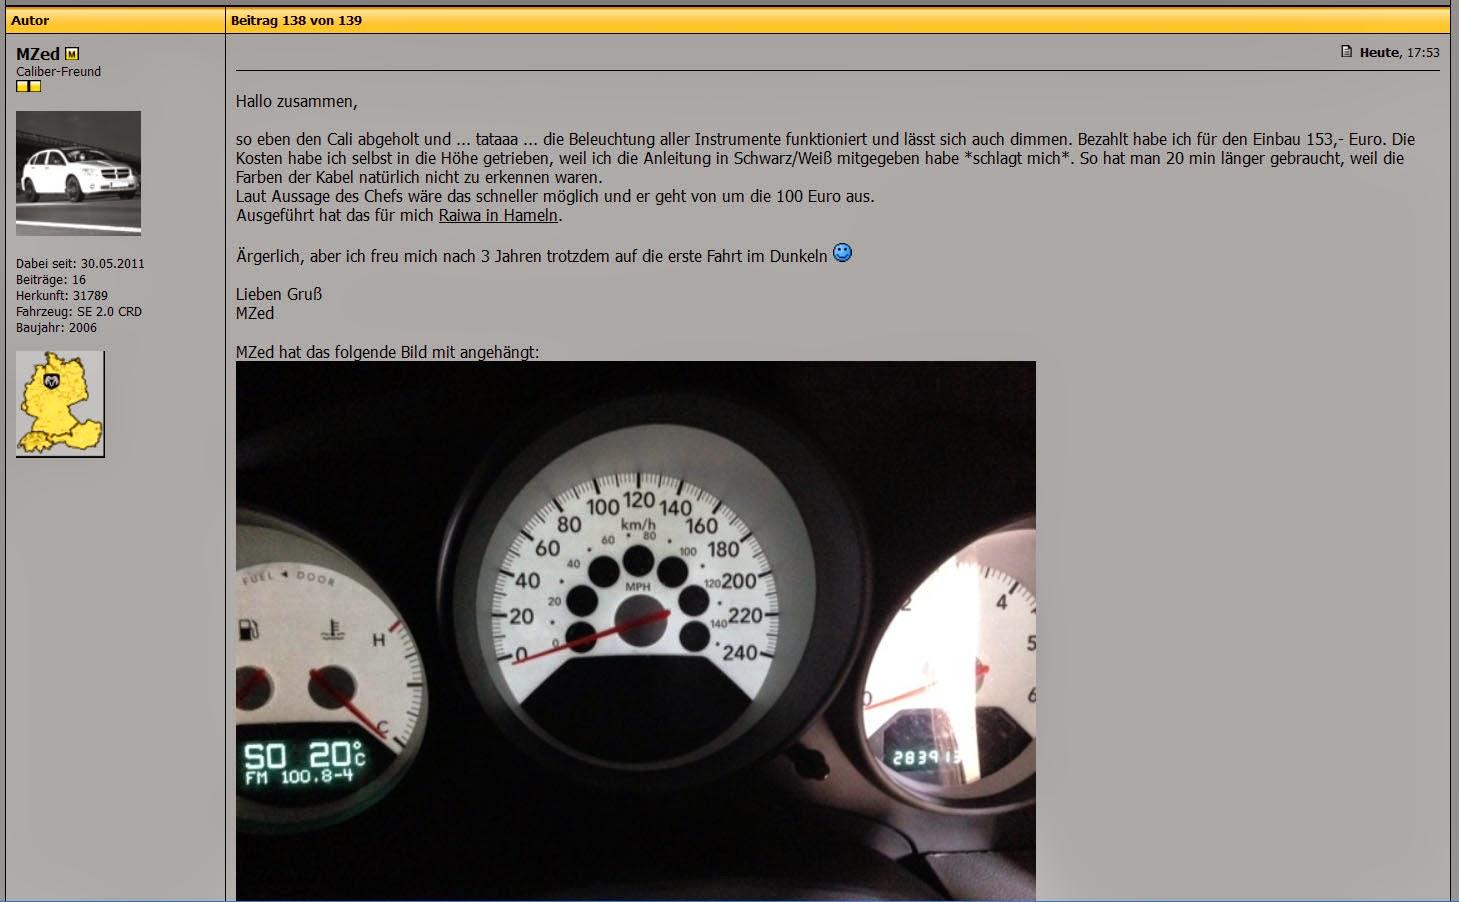 Chrysler Sebring Warning Lights Diagram Wiring For Headlight Dimmer Switch Dodge Caliber Avenger